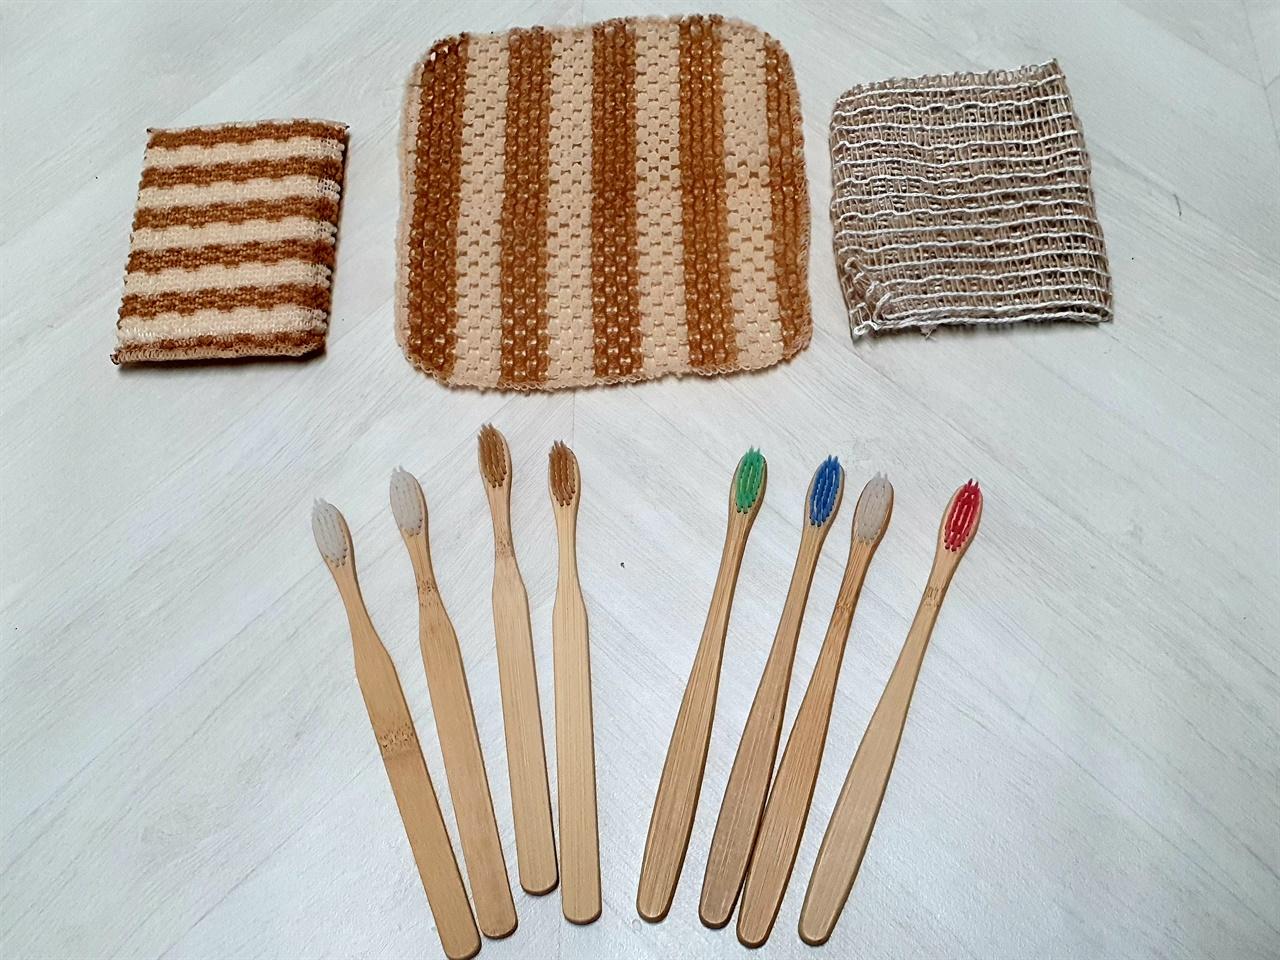 대나무로 만든 칫솔과 옥수수 전분 및 삼베로 만든 수세미